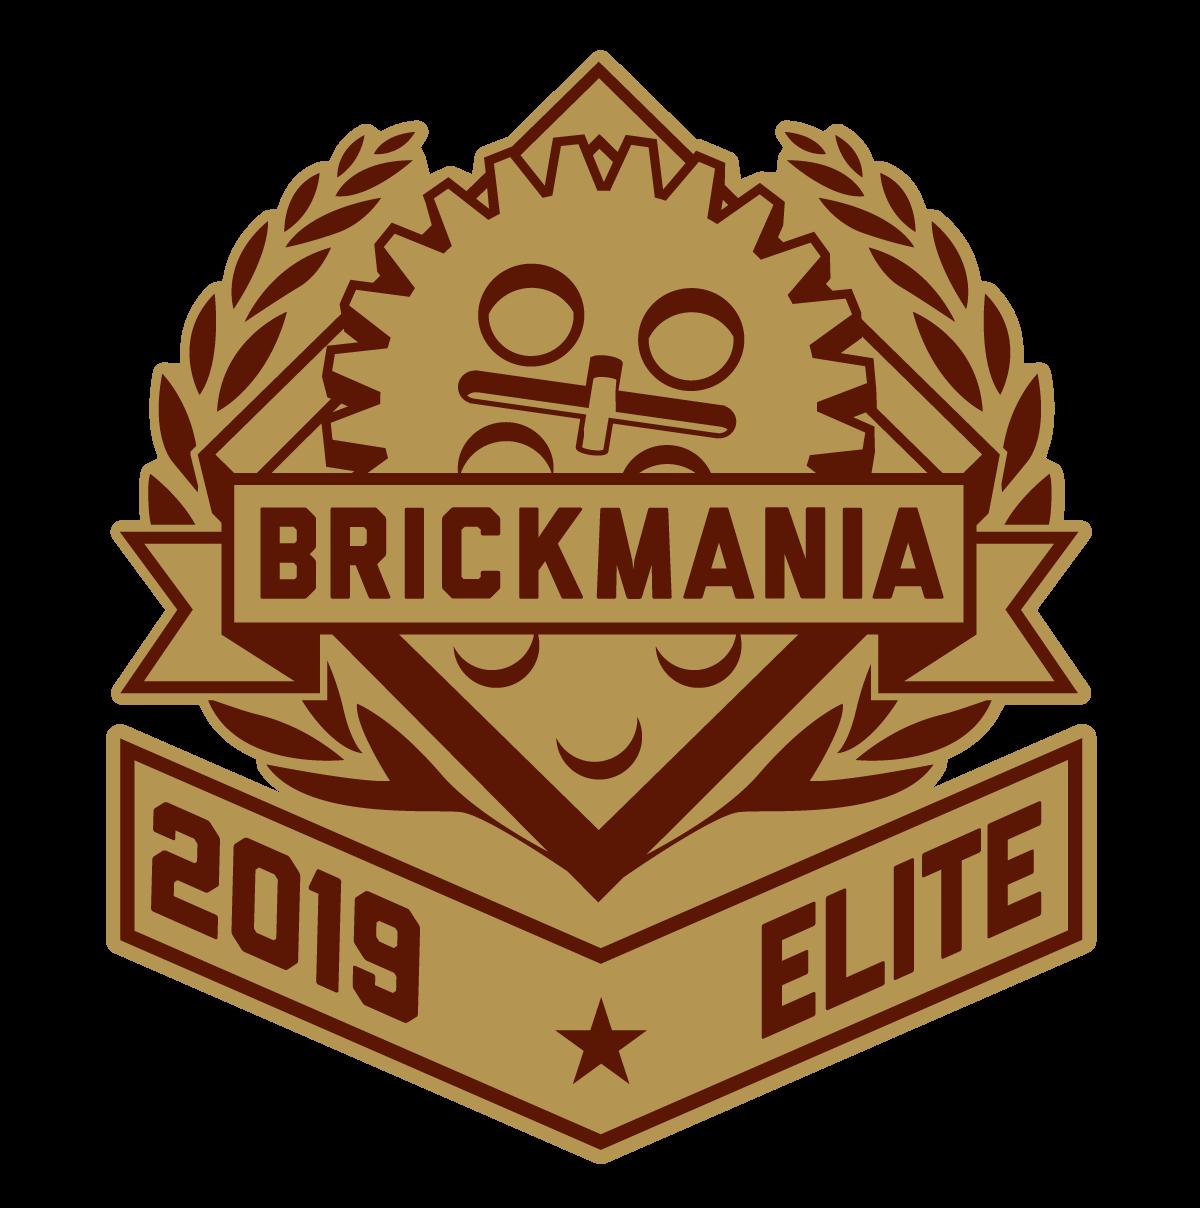 Brickmania Elite 2019